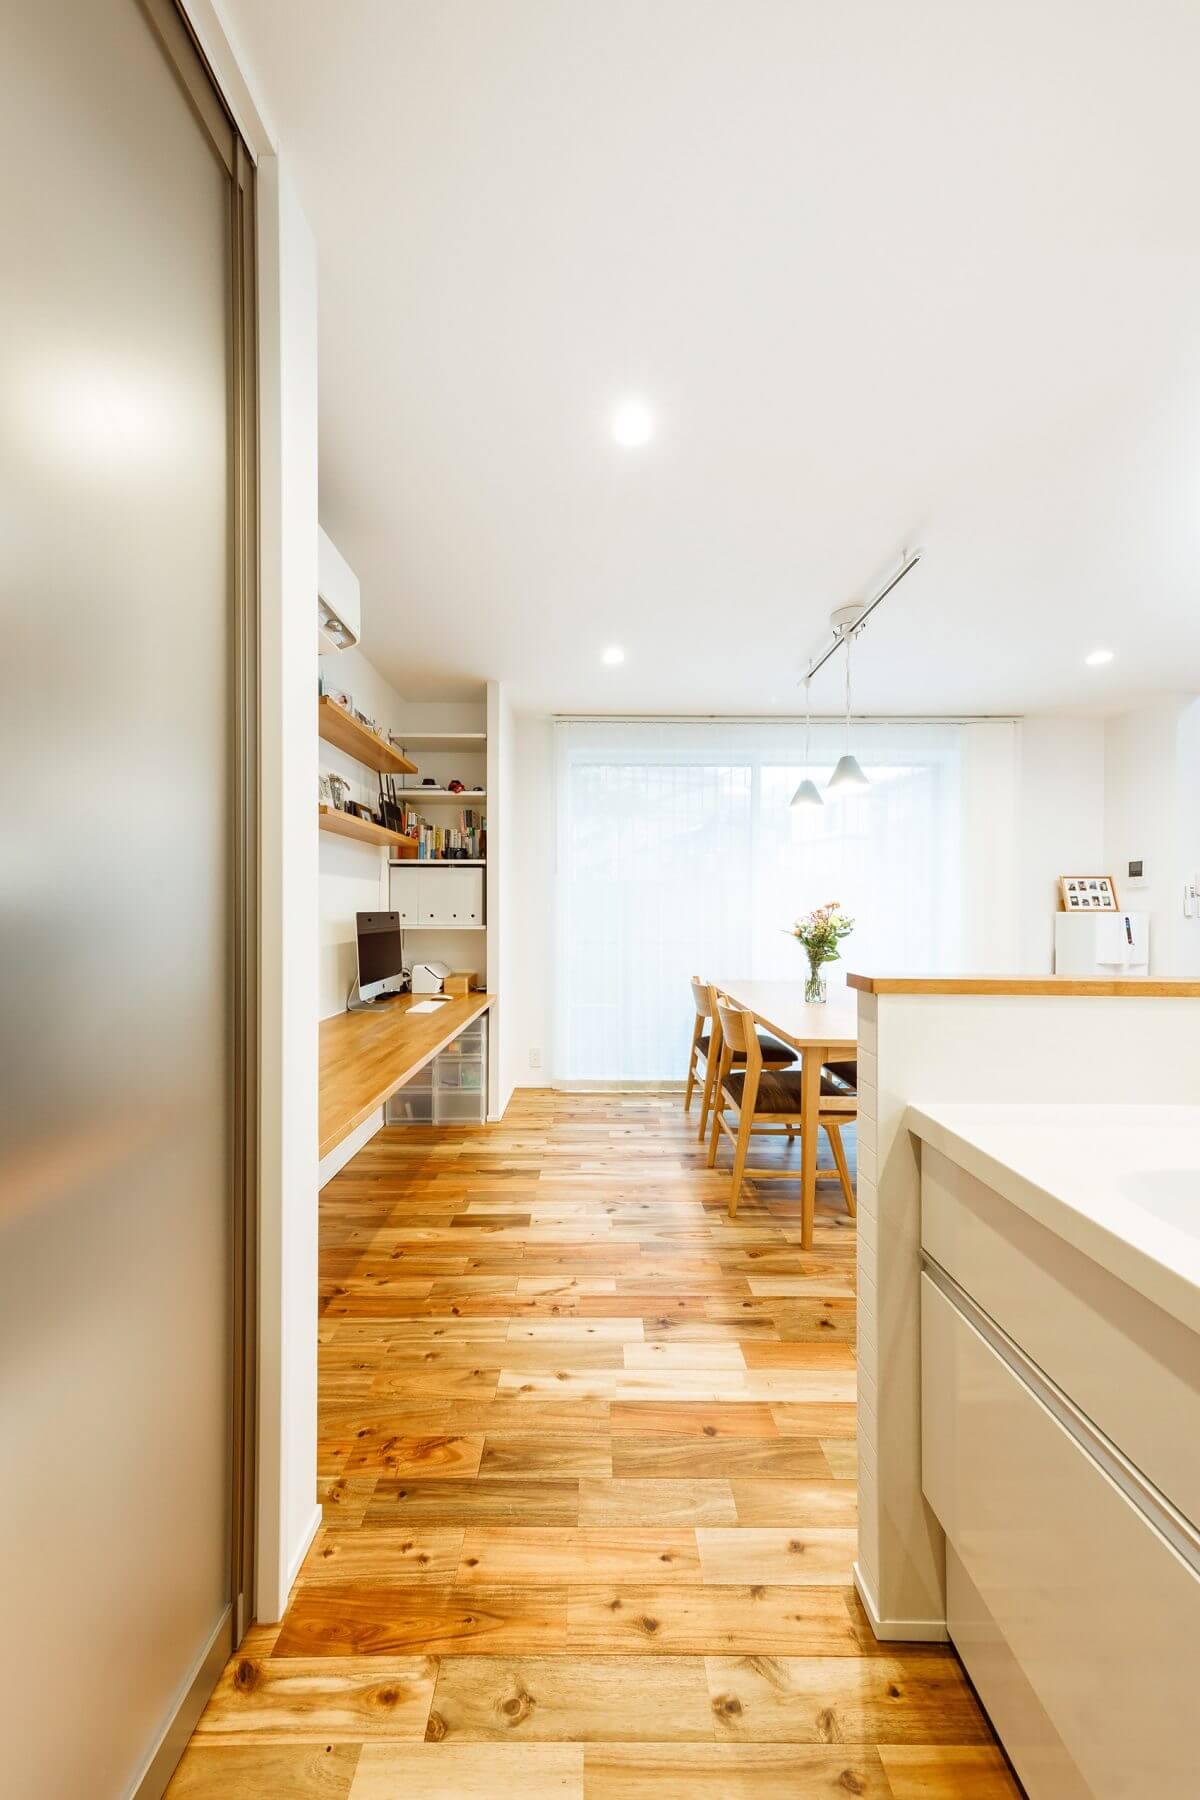 キッチン設備は使いやすさ重視で、シンプルな白に統一。背面の造作収納はシースルータイプの建具を使い、キッチン家電や食材を置いた中の様子がほどよく見えるようにしました。ダイニングテーブルの隣に見えるのが、テレワークもできる多目的カウンター。